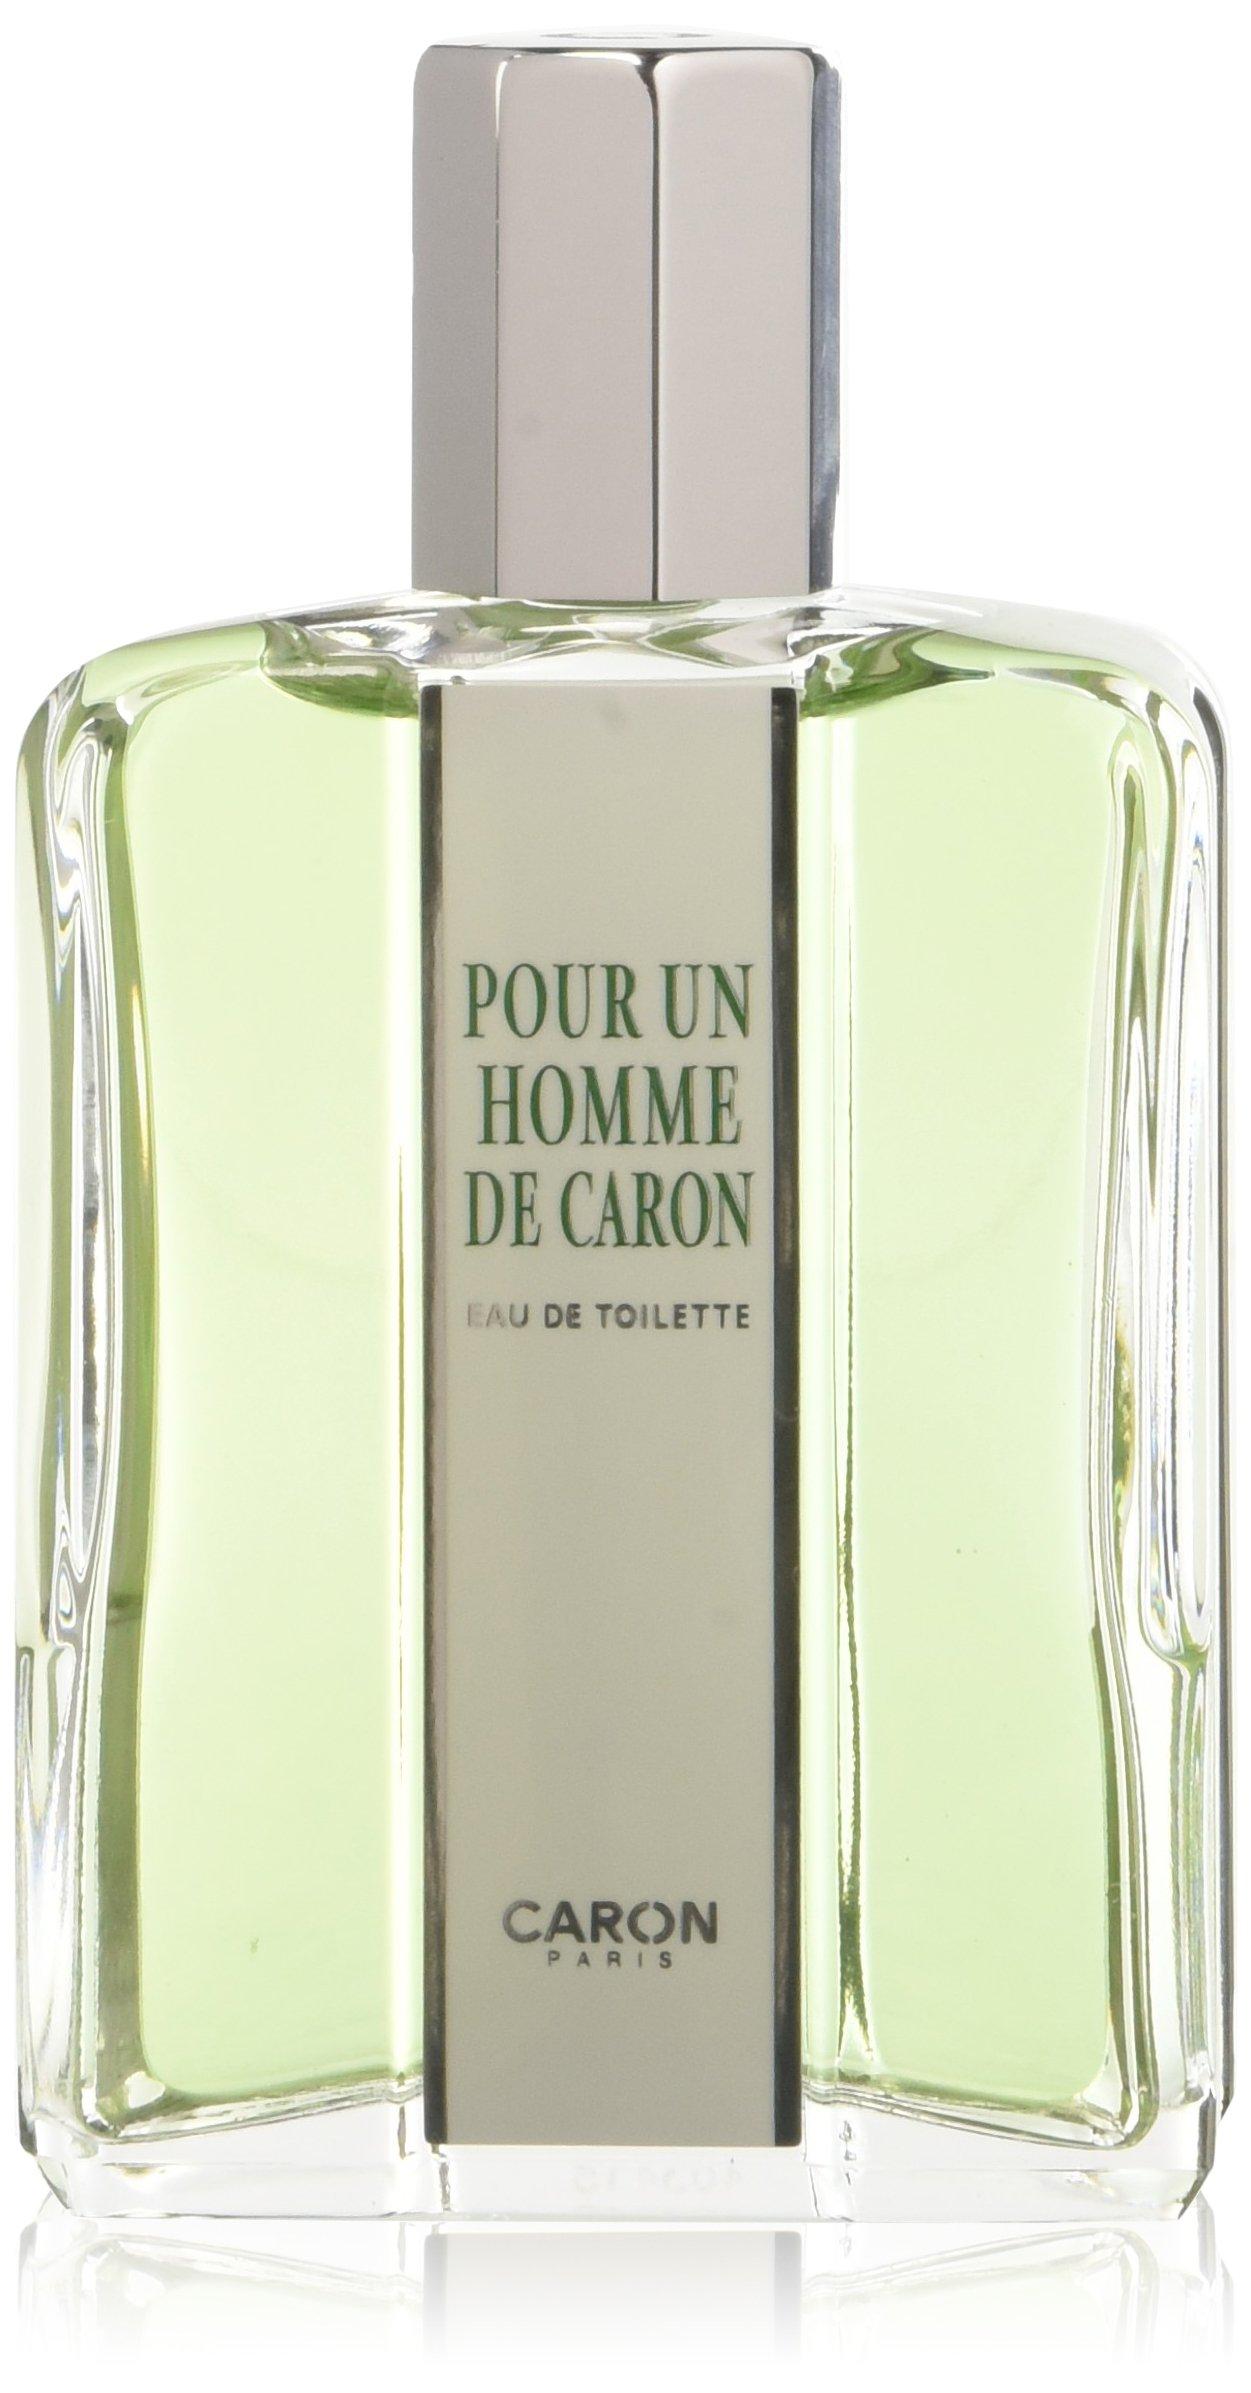 CARON PARIS Pour Un Homme De Caron Eau de Toilette Spray, 4.2 fl. oz.